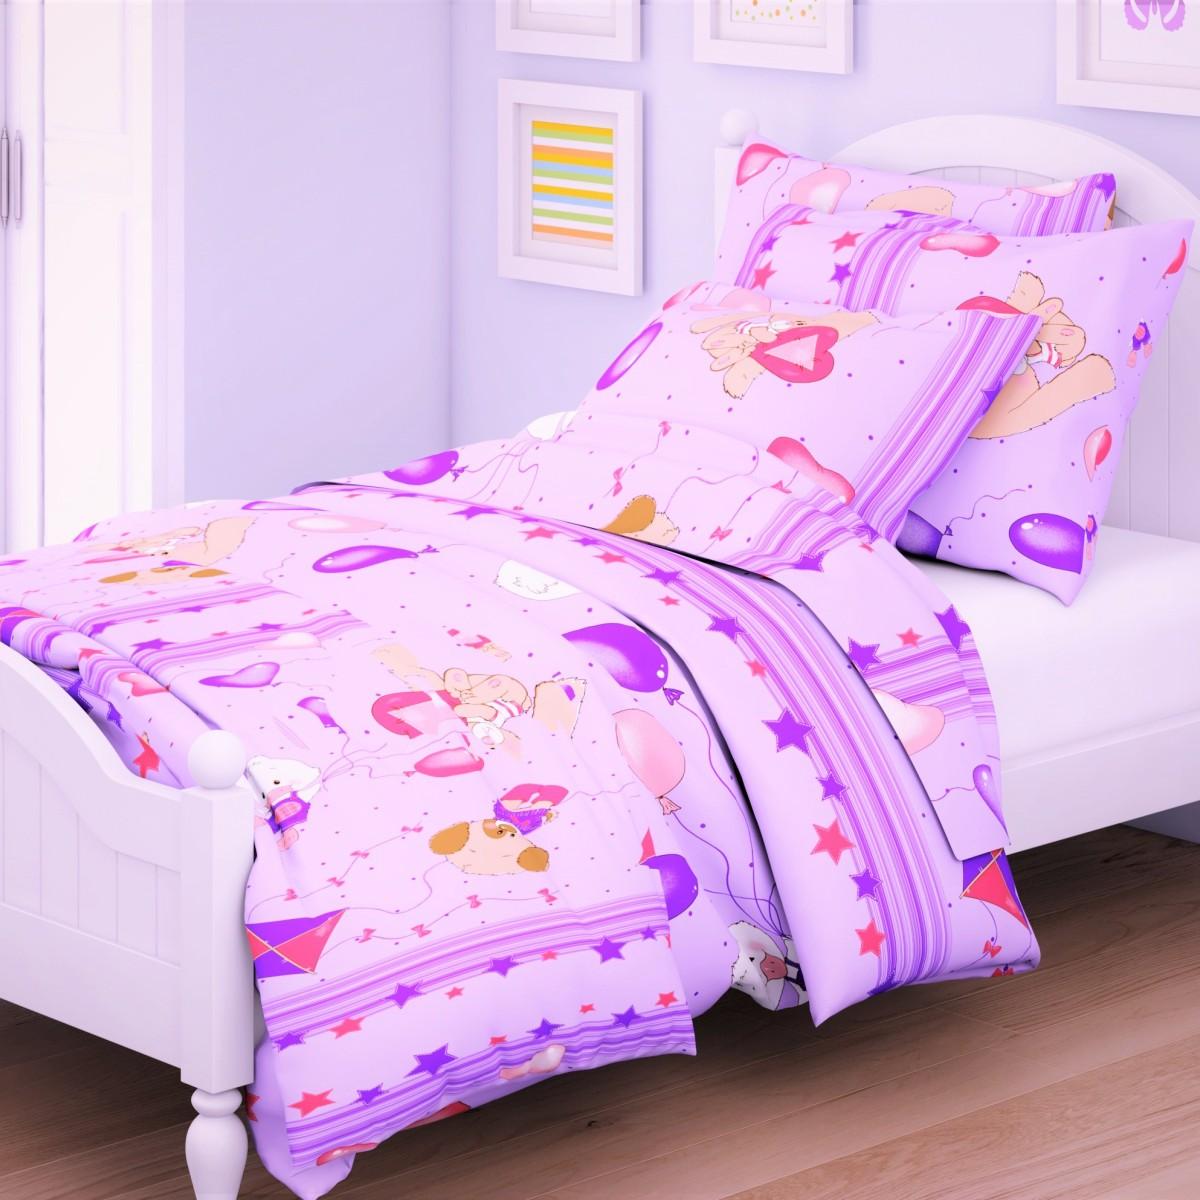 Letto Комплект в кроватку Ясли 3 предмета BG-62 постельное белье letto комплект в кроватку ясли bg 54 бязь